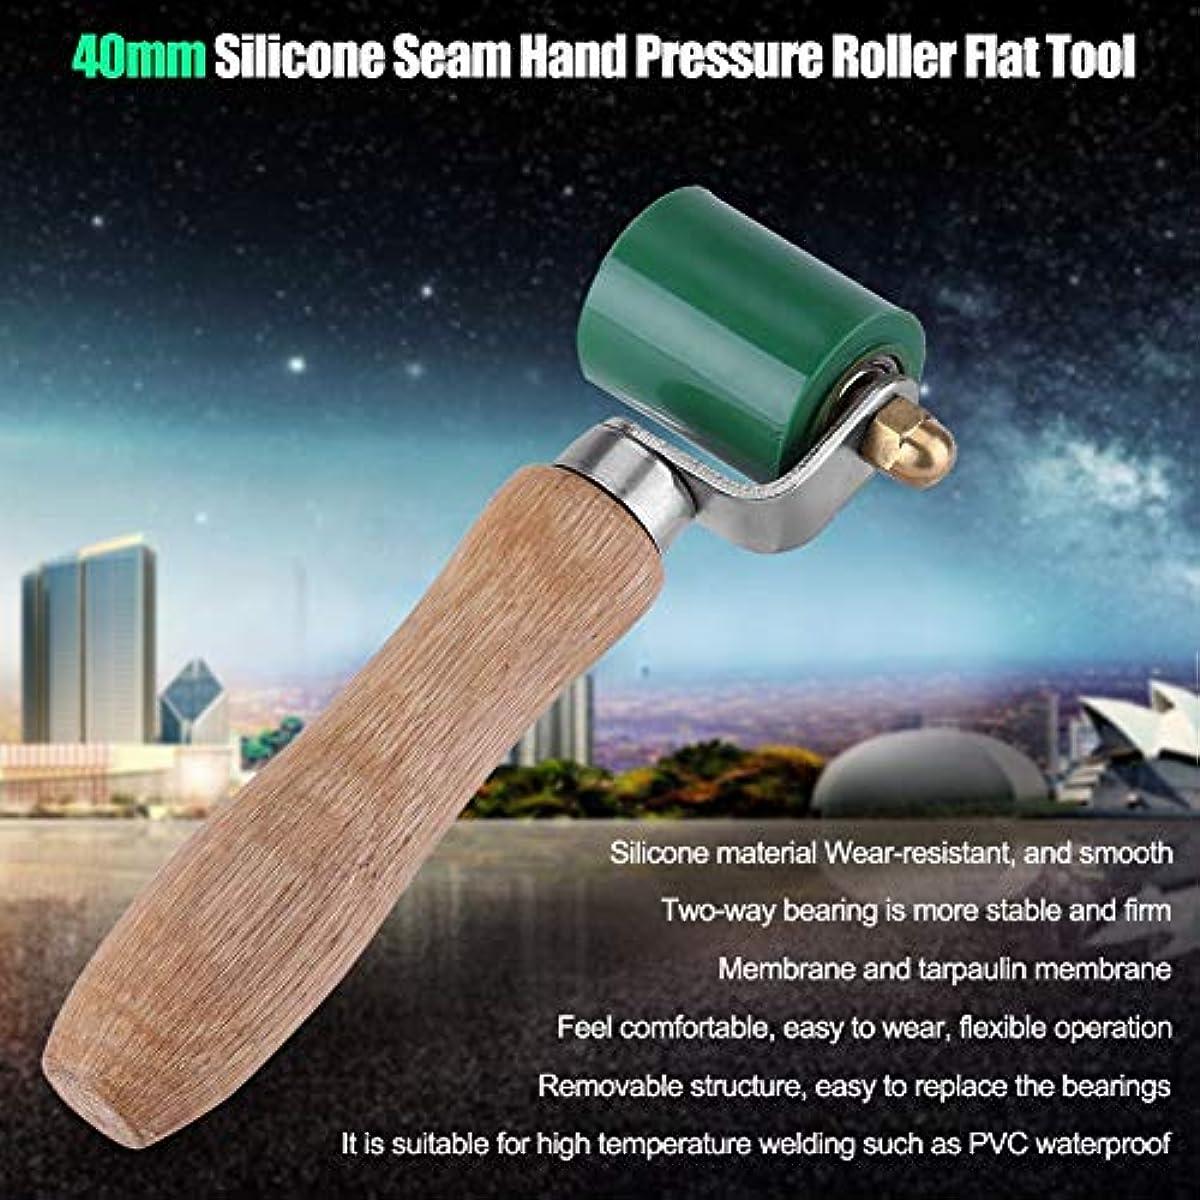 北東貧困ホバーDuokon 40mm シリコン高温耐性シーム 手押しローラー 屋根ふきPVC溶接ツール